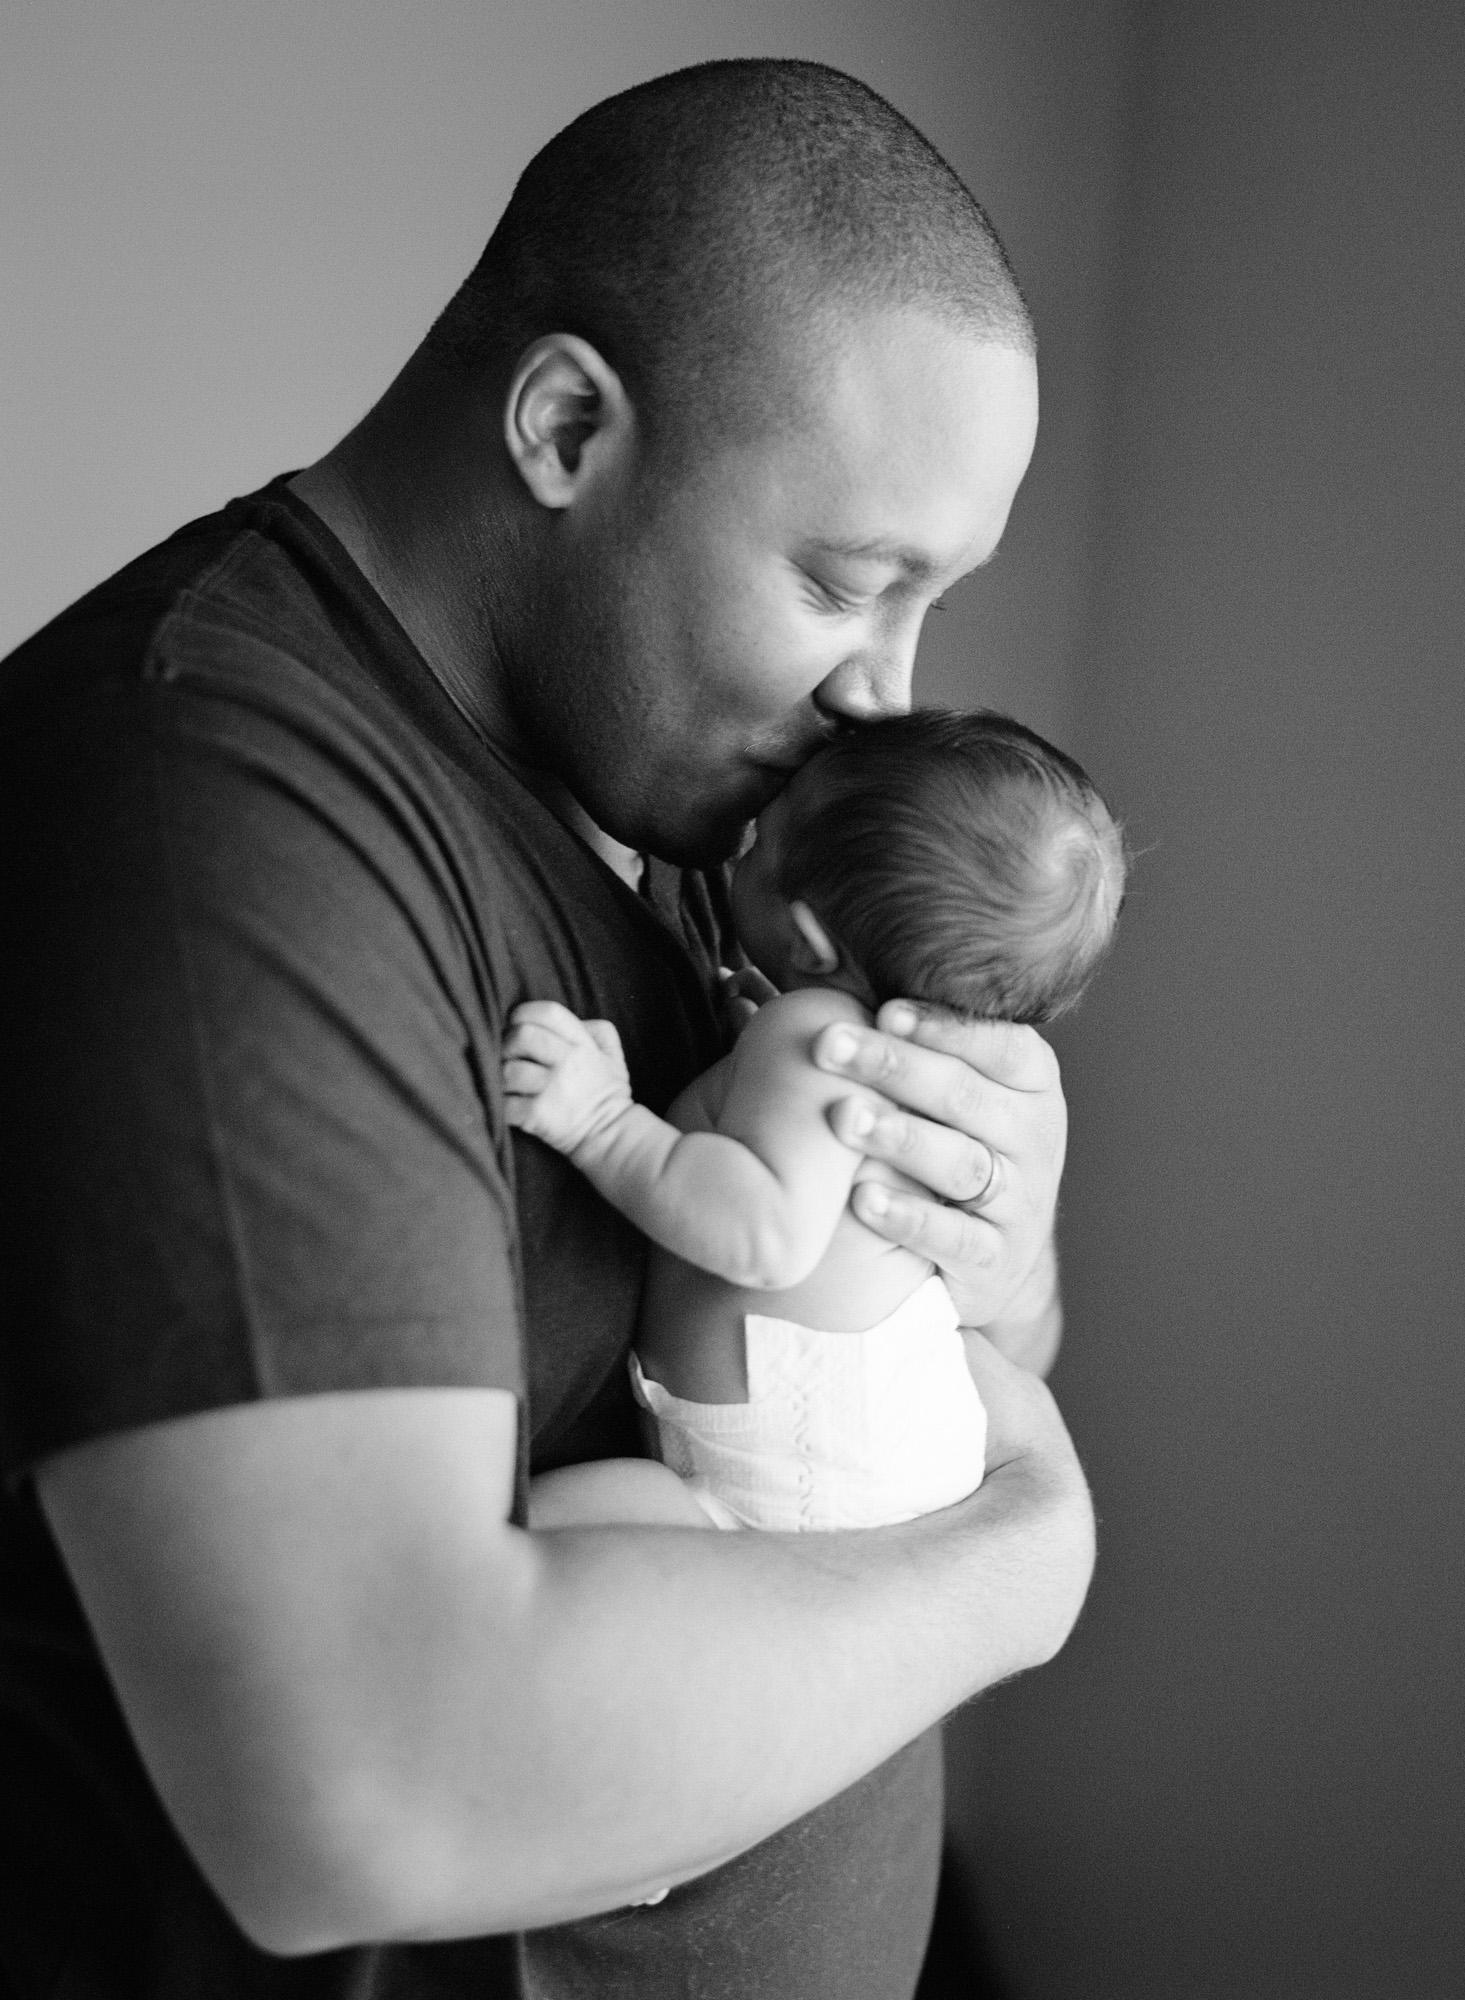 BabyJudah_©kristinmyoung_FILM_hires-36.jpg